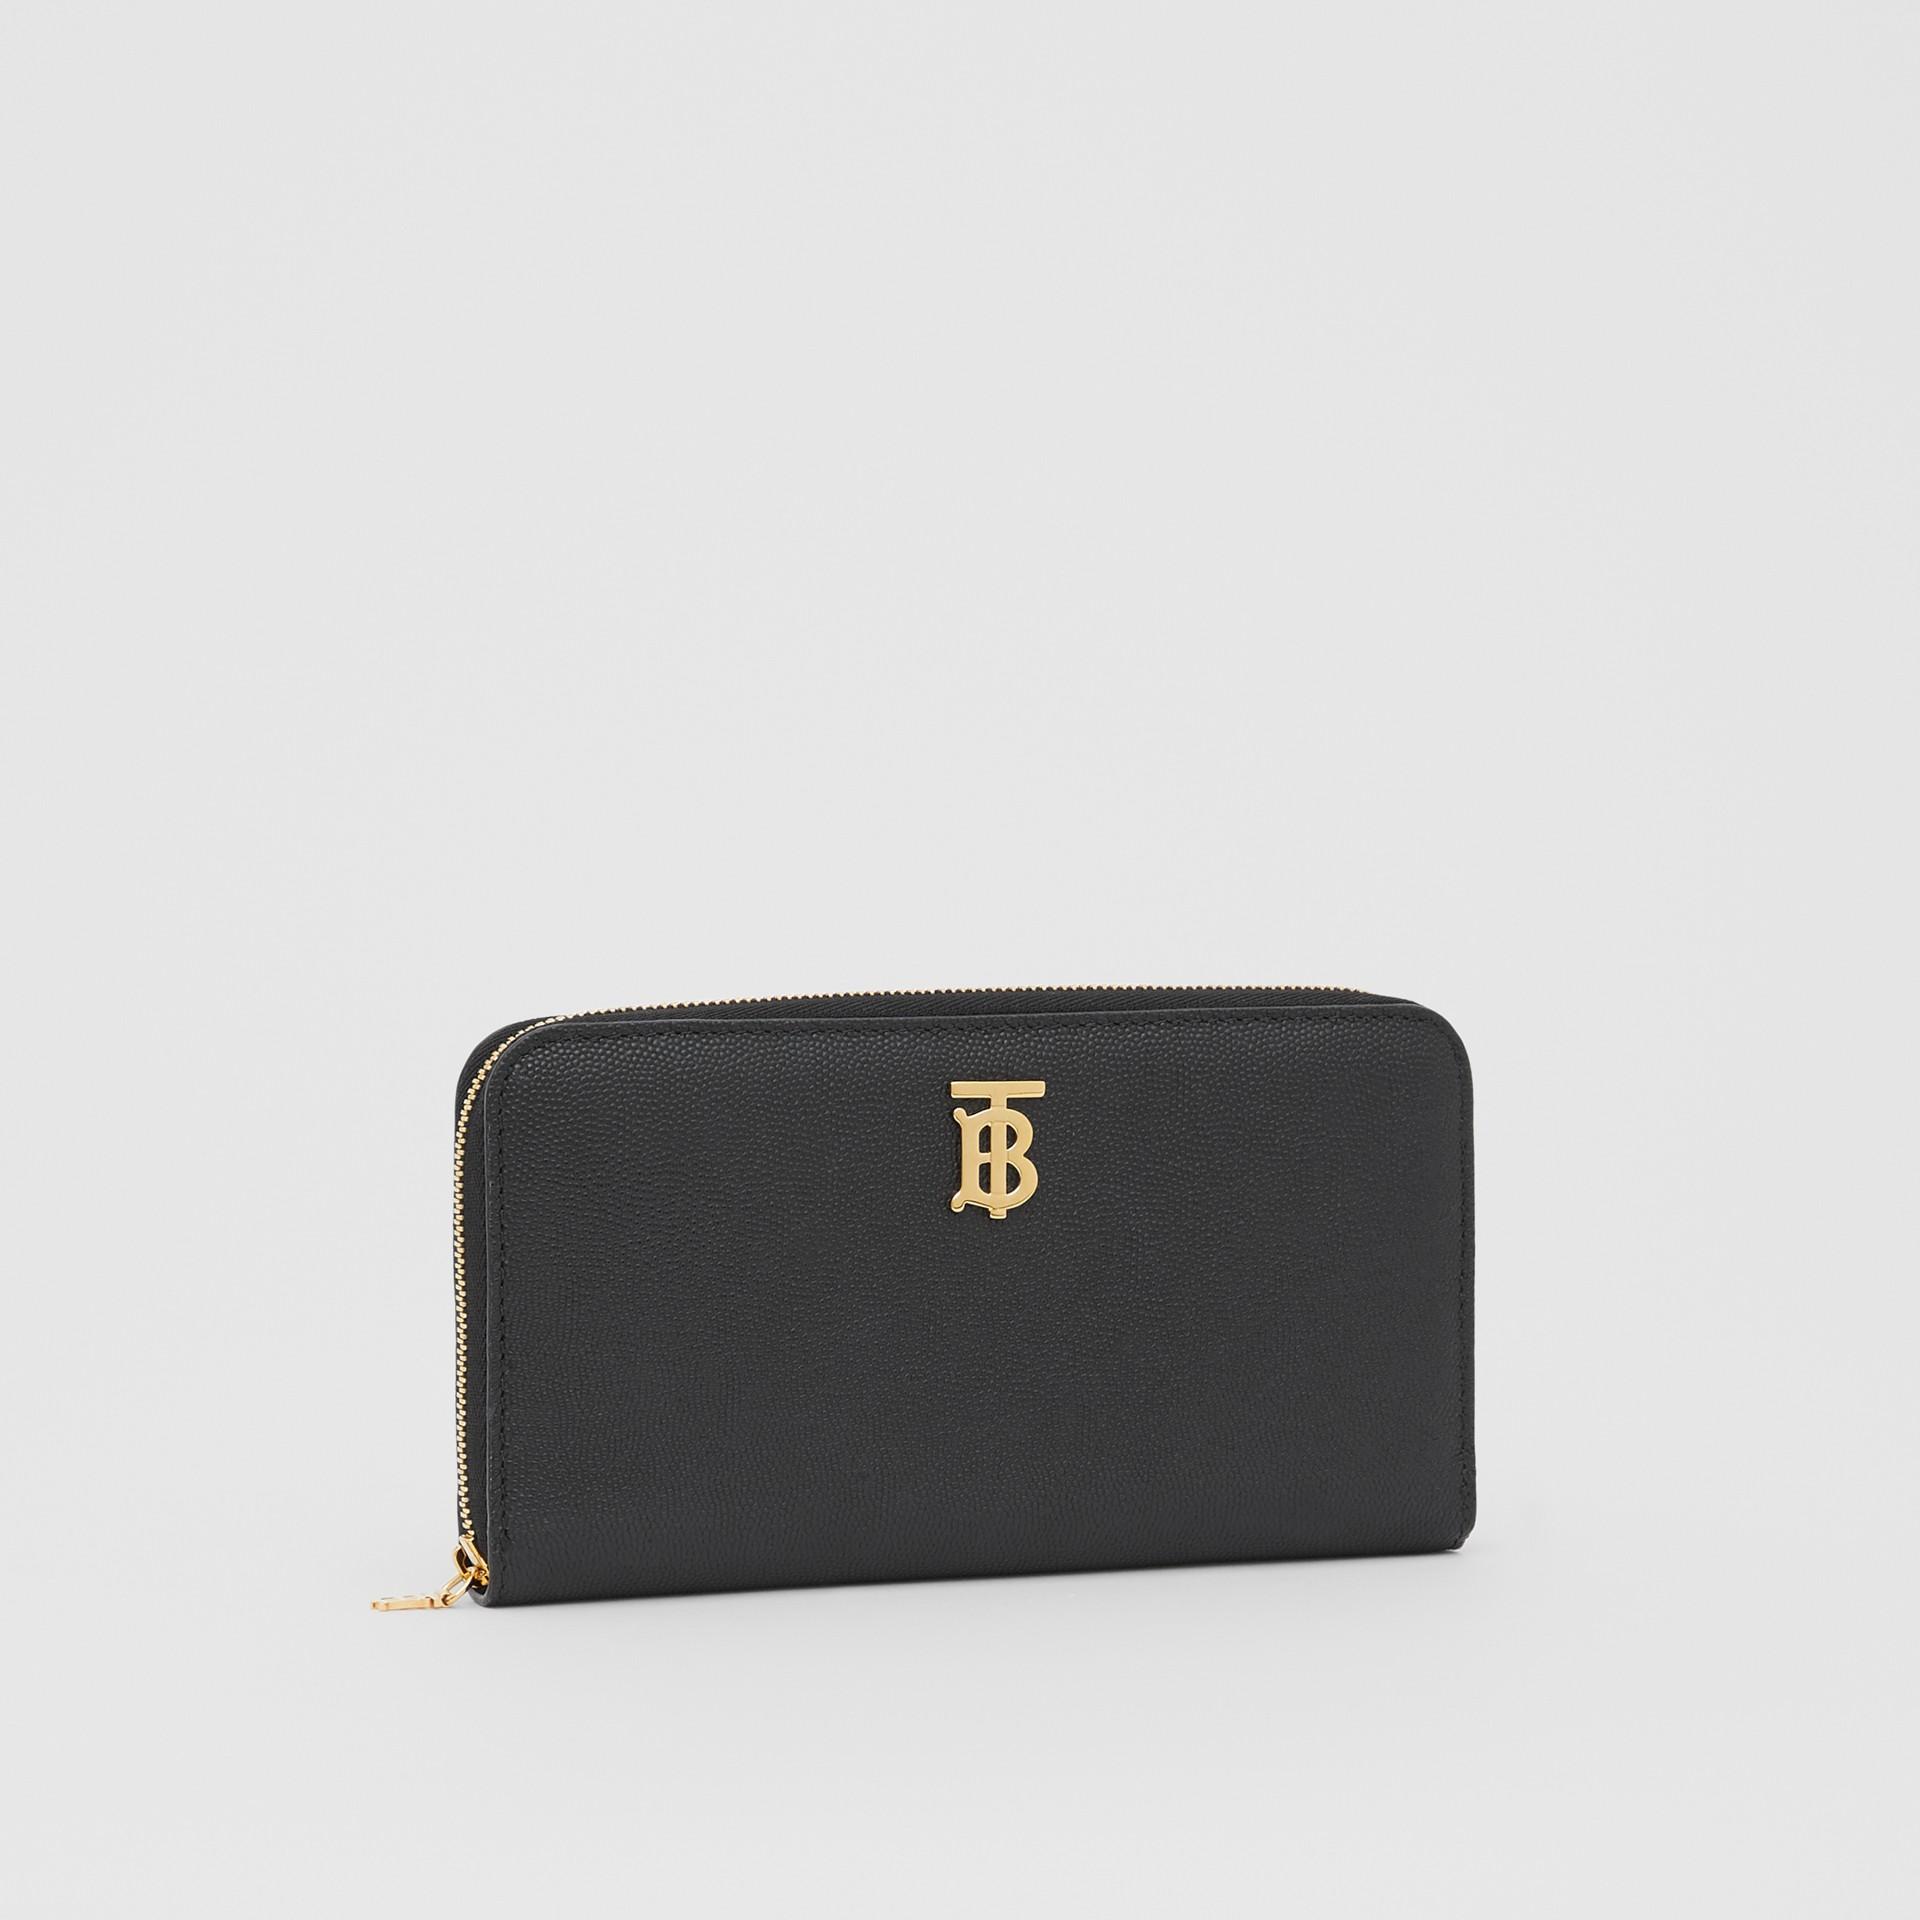 Portefeuille zippé en cuir grainé Monogram (Noir) - Femme | Burberry - photo de la galerie 4